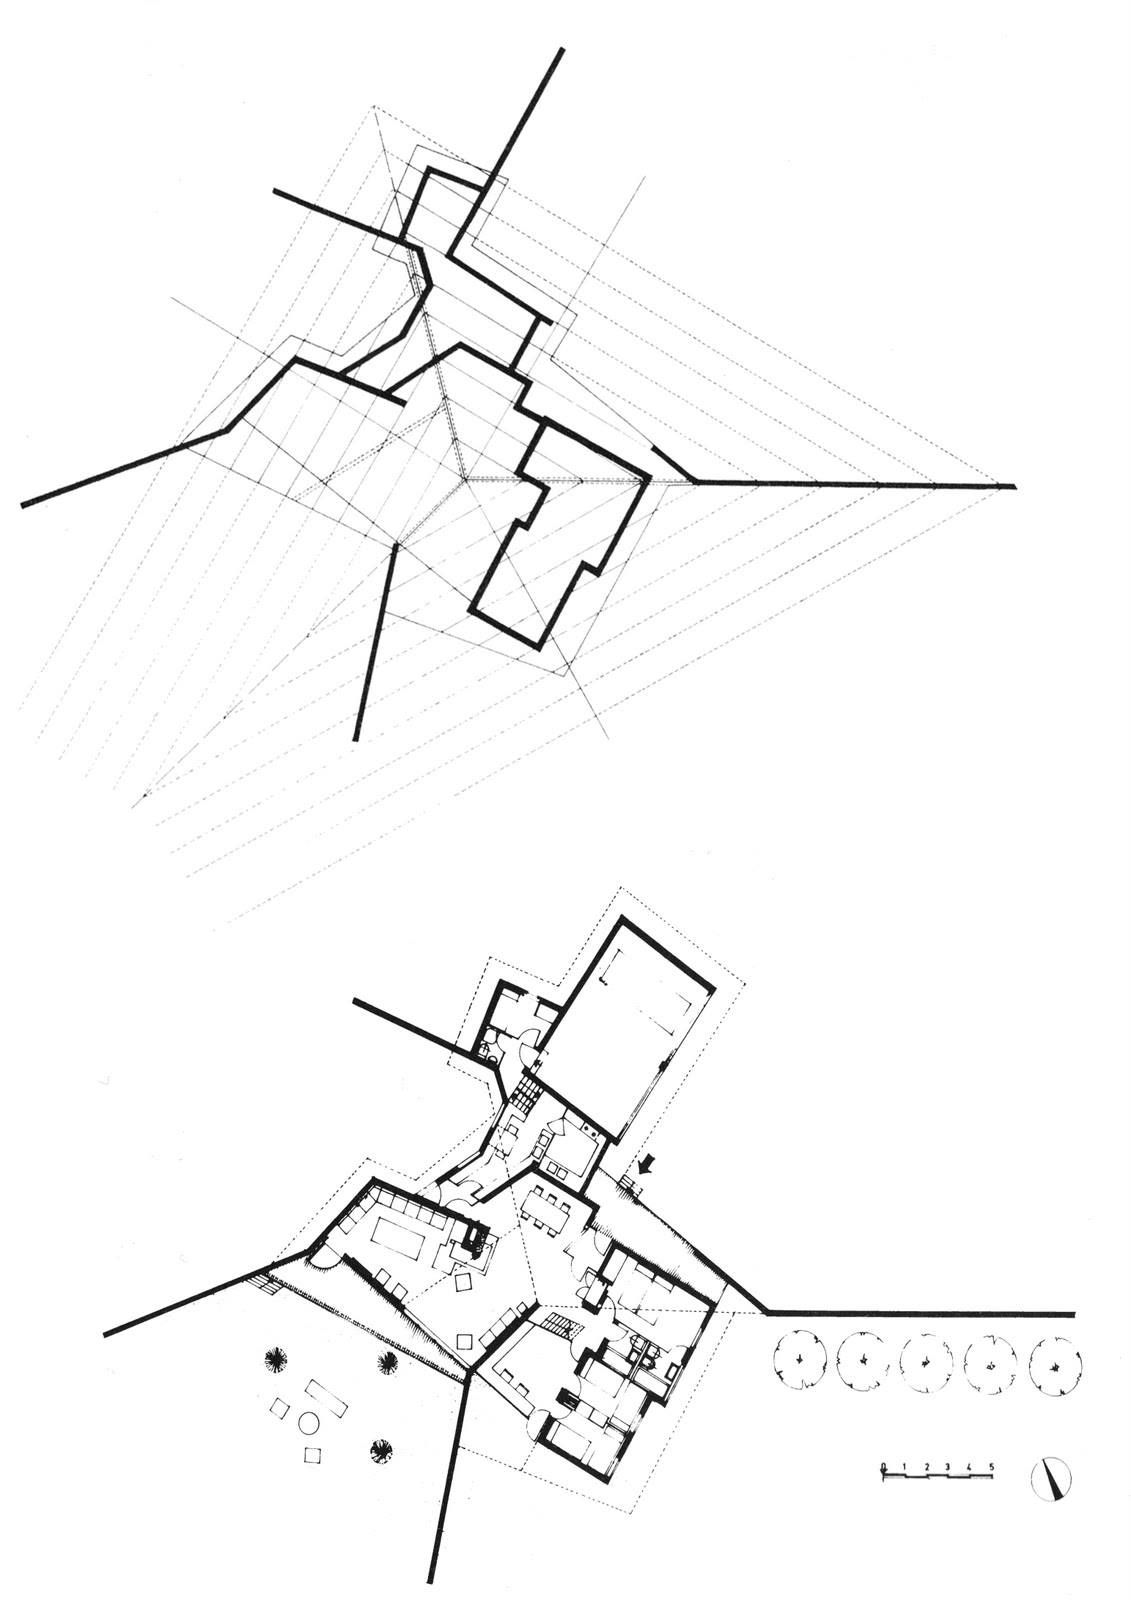 Alvar aalto diagram pinterest planimetrie for Progetti di cottage sulla spiaggia e planimetrie